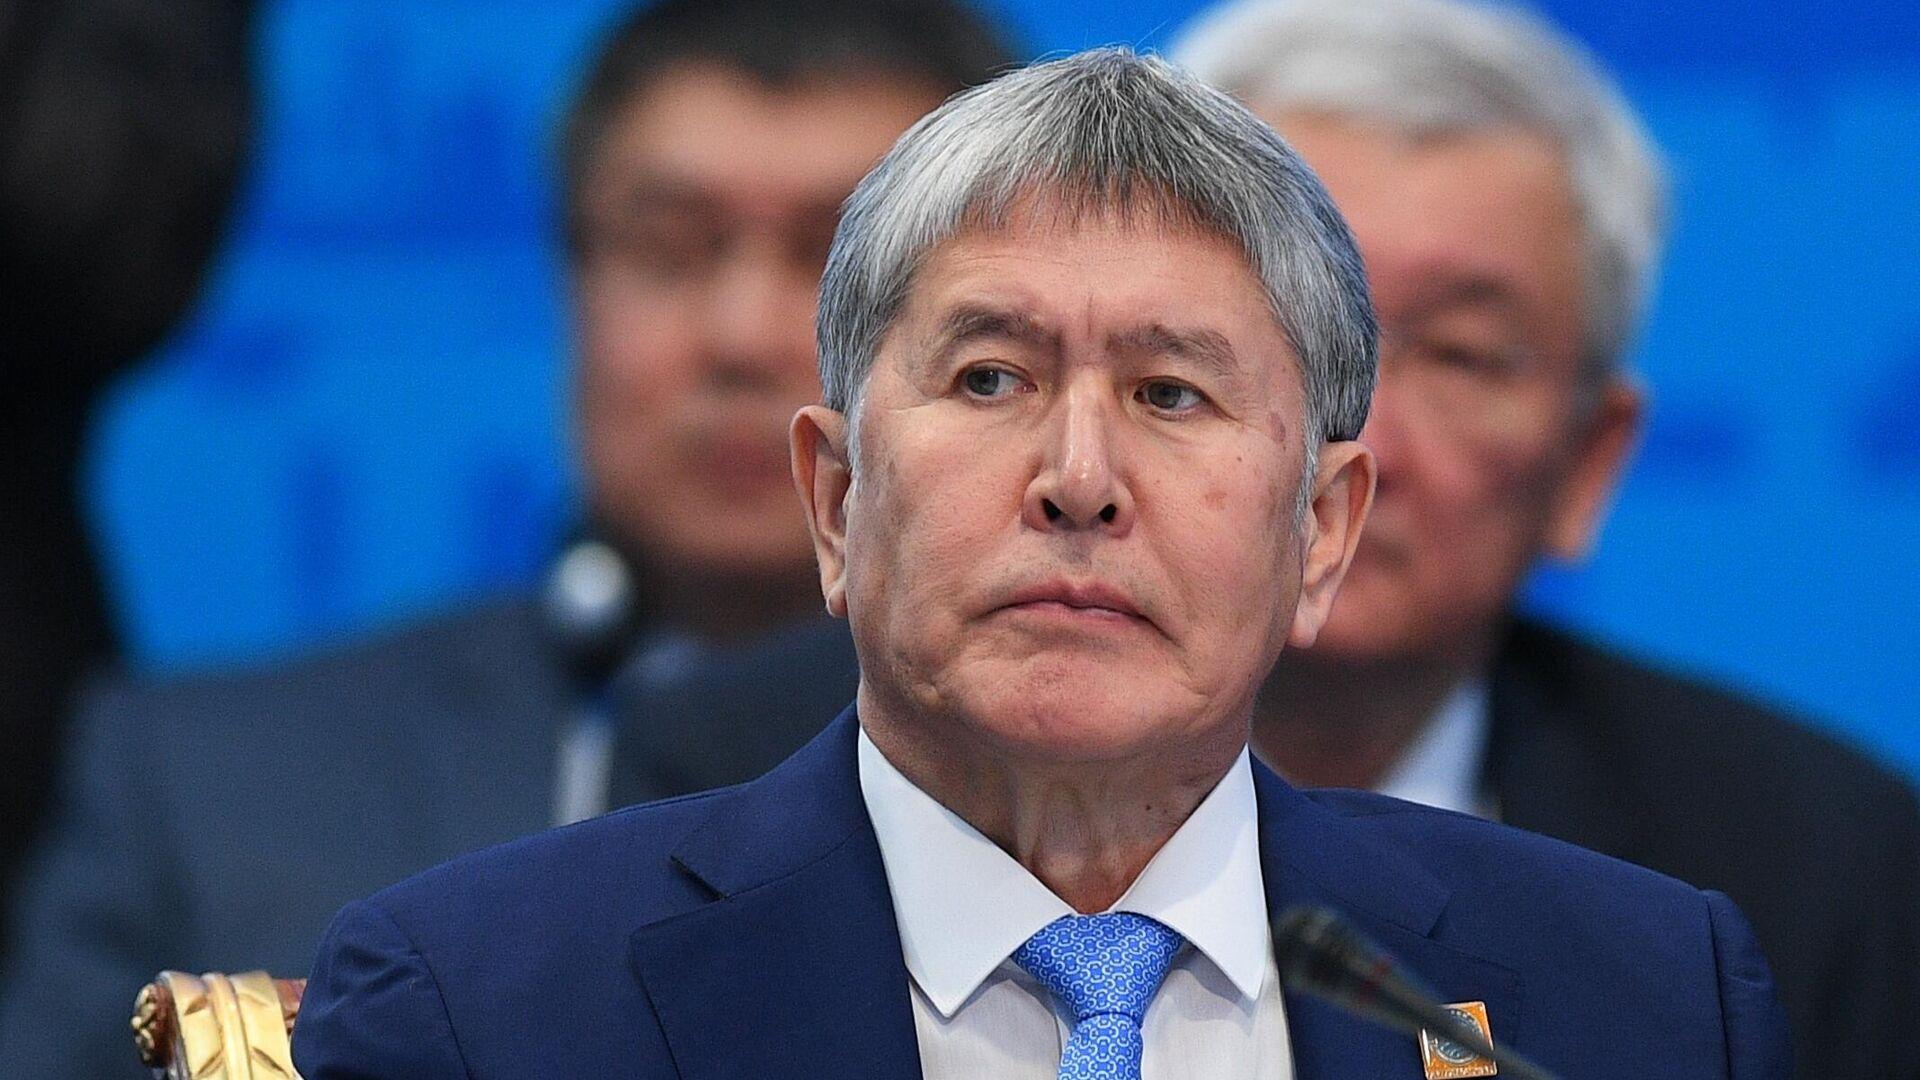 Бывший президент Киргизии Алмазбек Атамбаев - РИА Новости, 1920, 30.11.2020